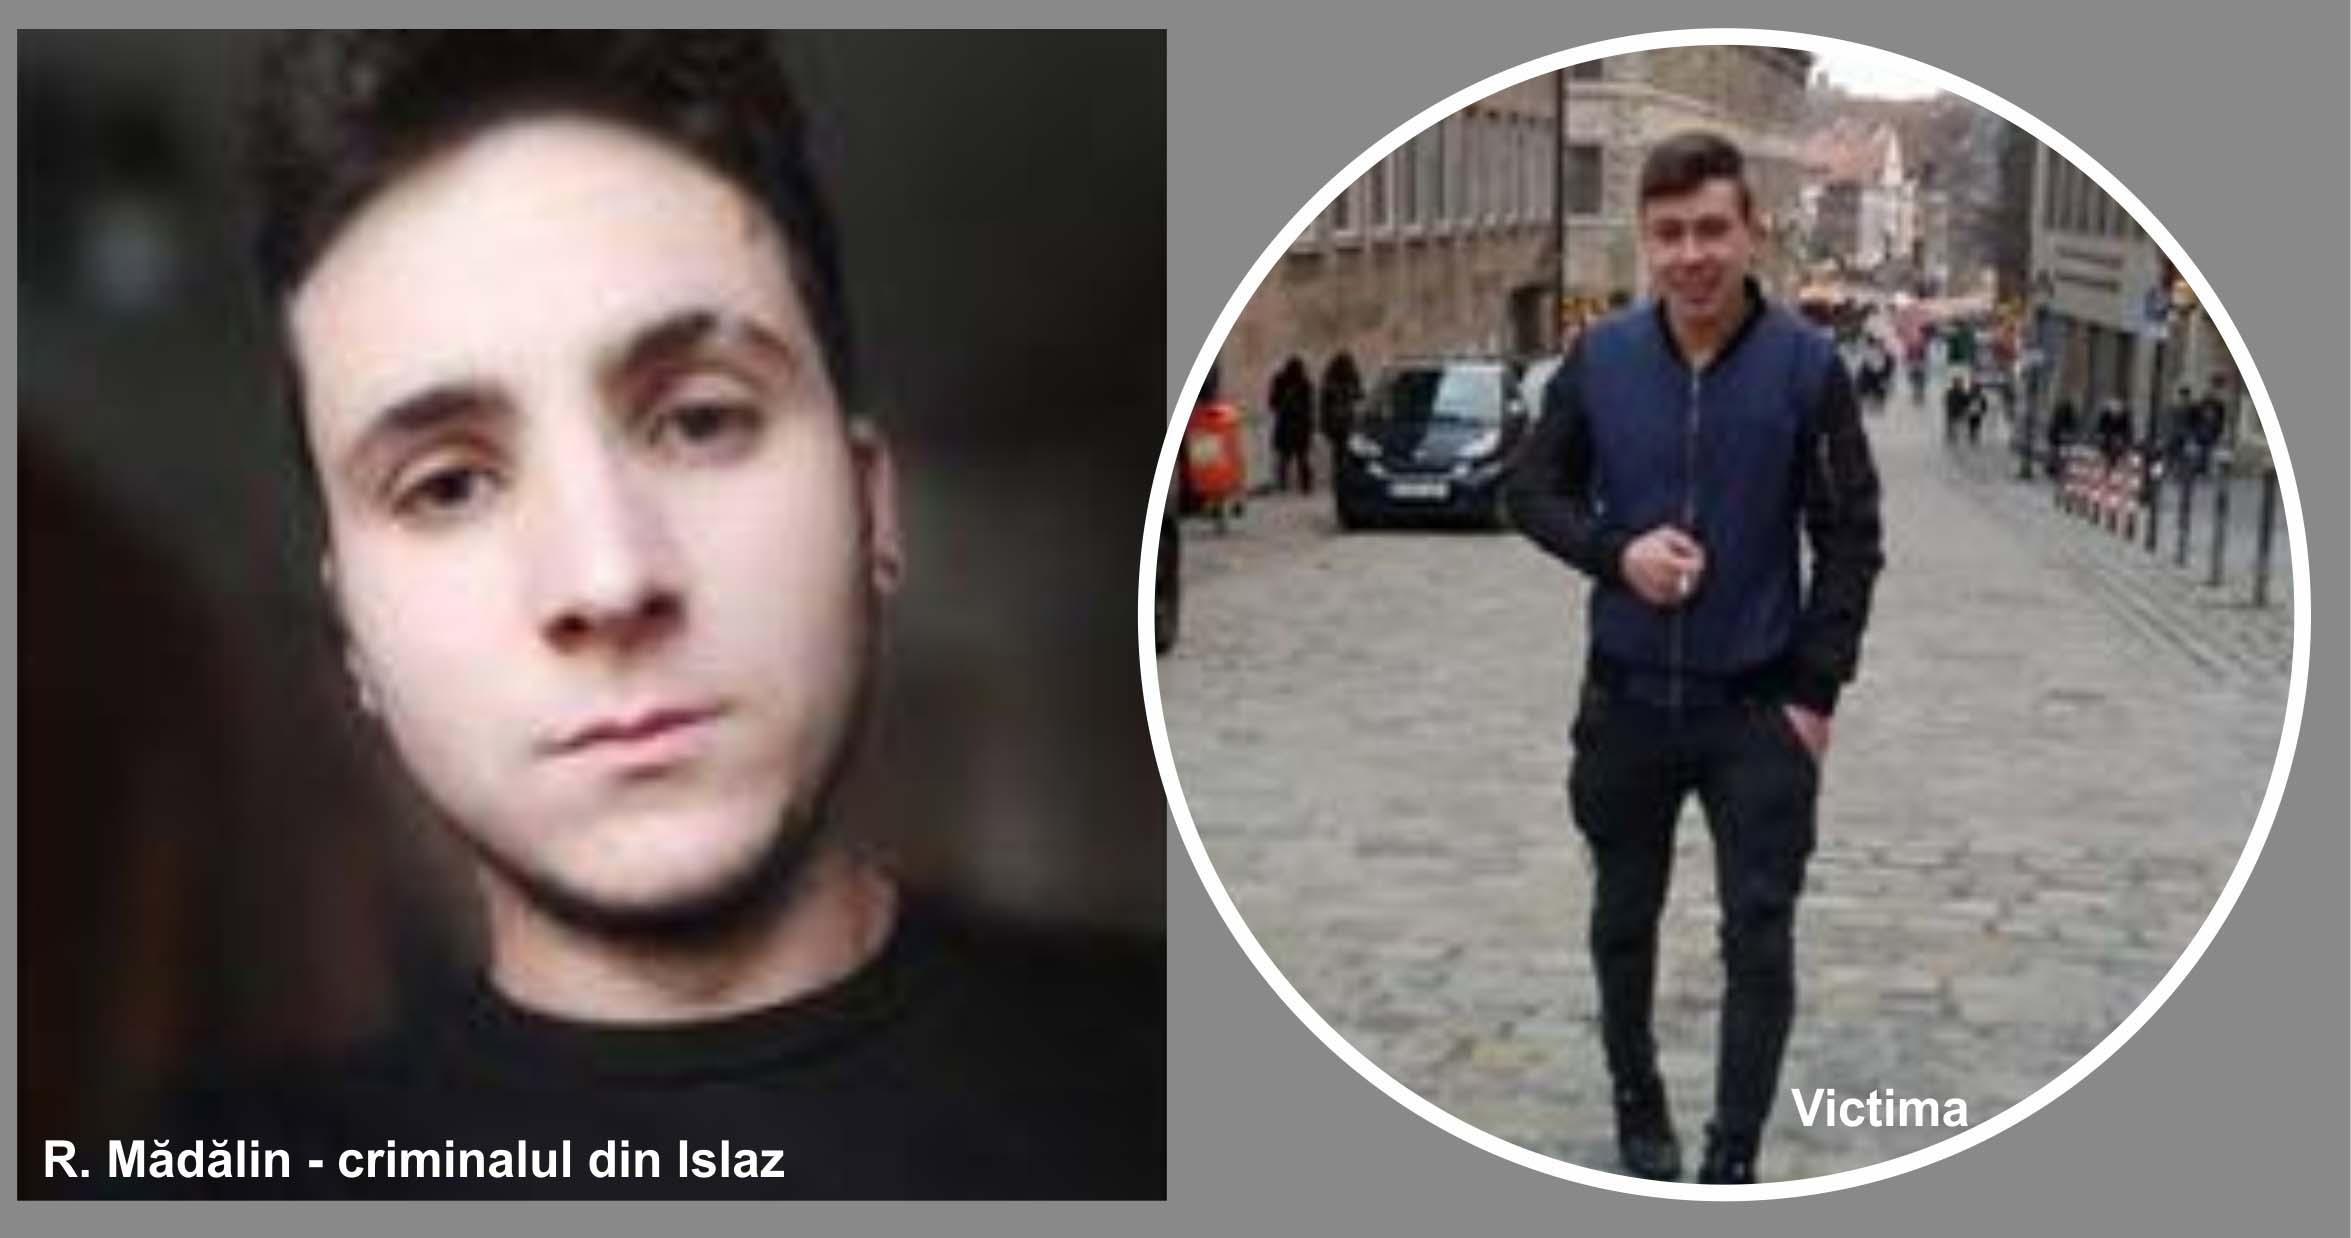 Crim?, în comuna Islaz. Un tân?r de 25 de ani, omorât cu cinci